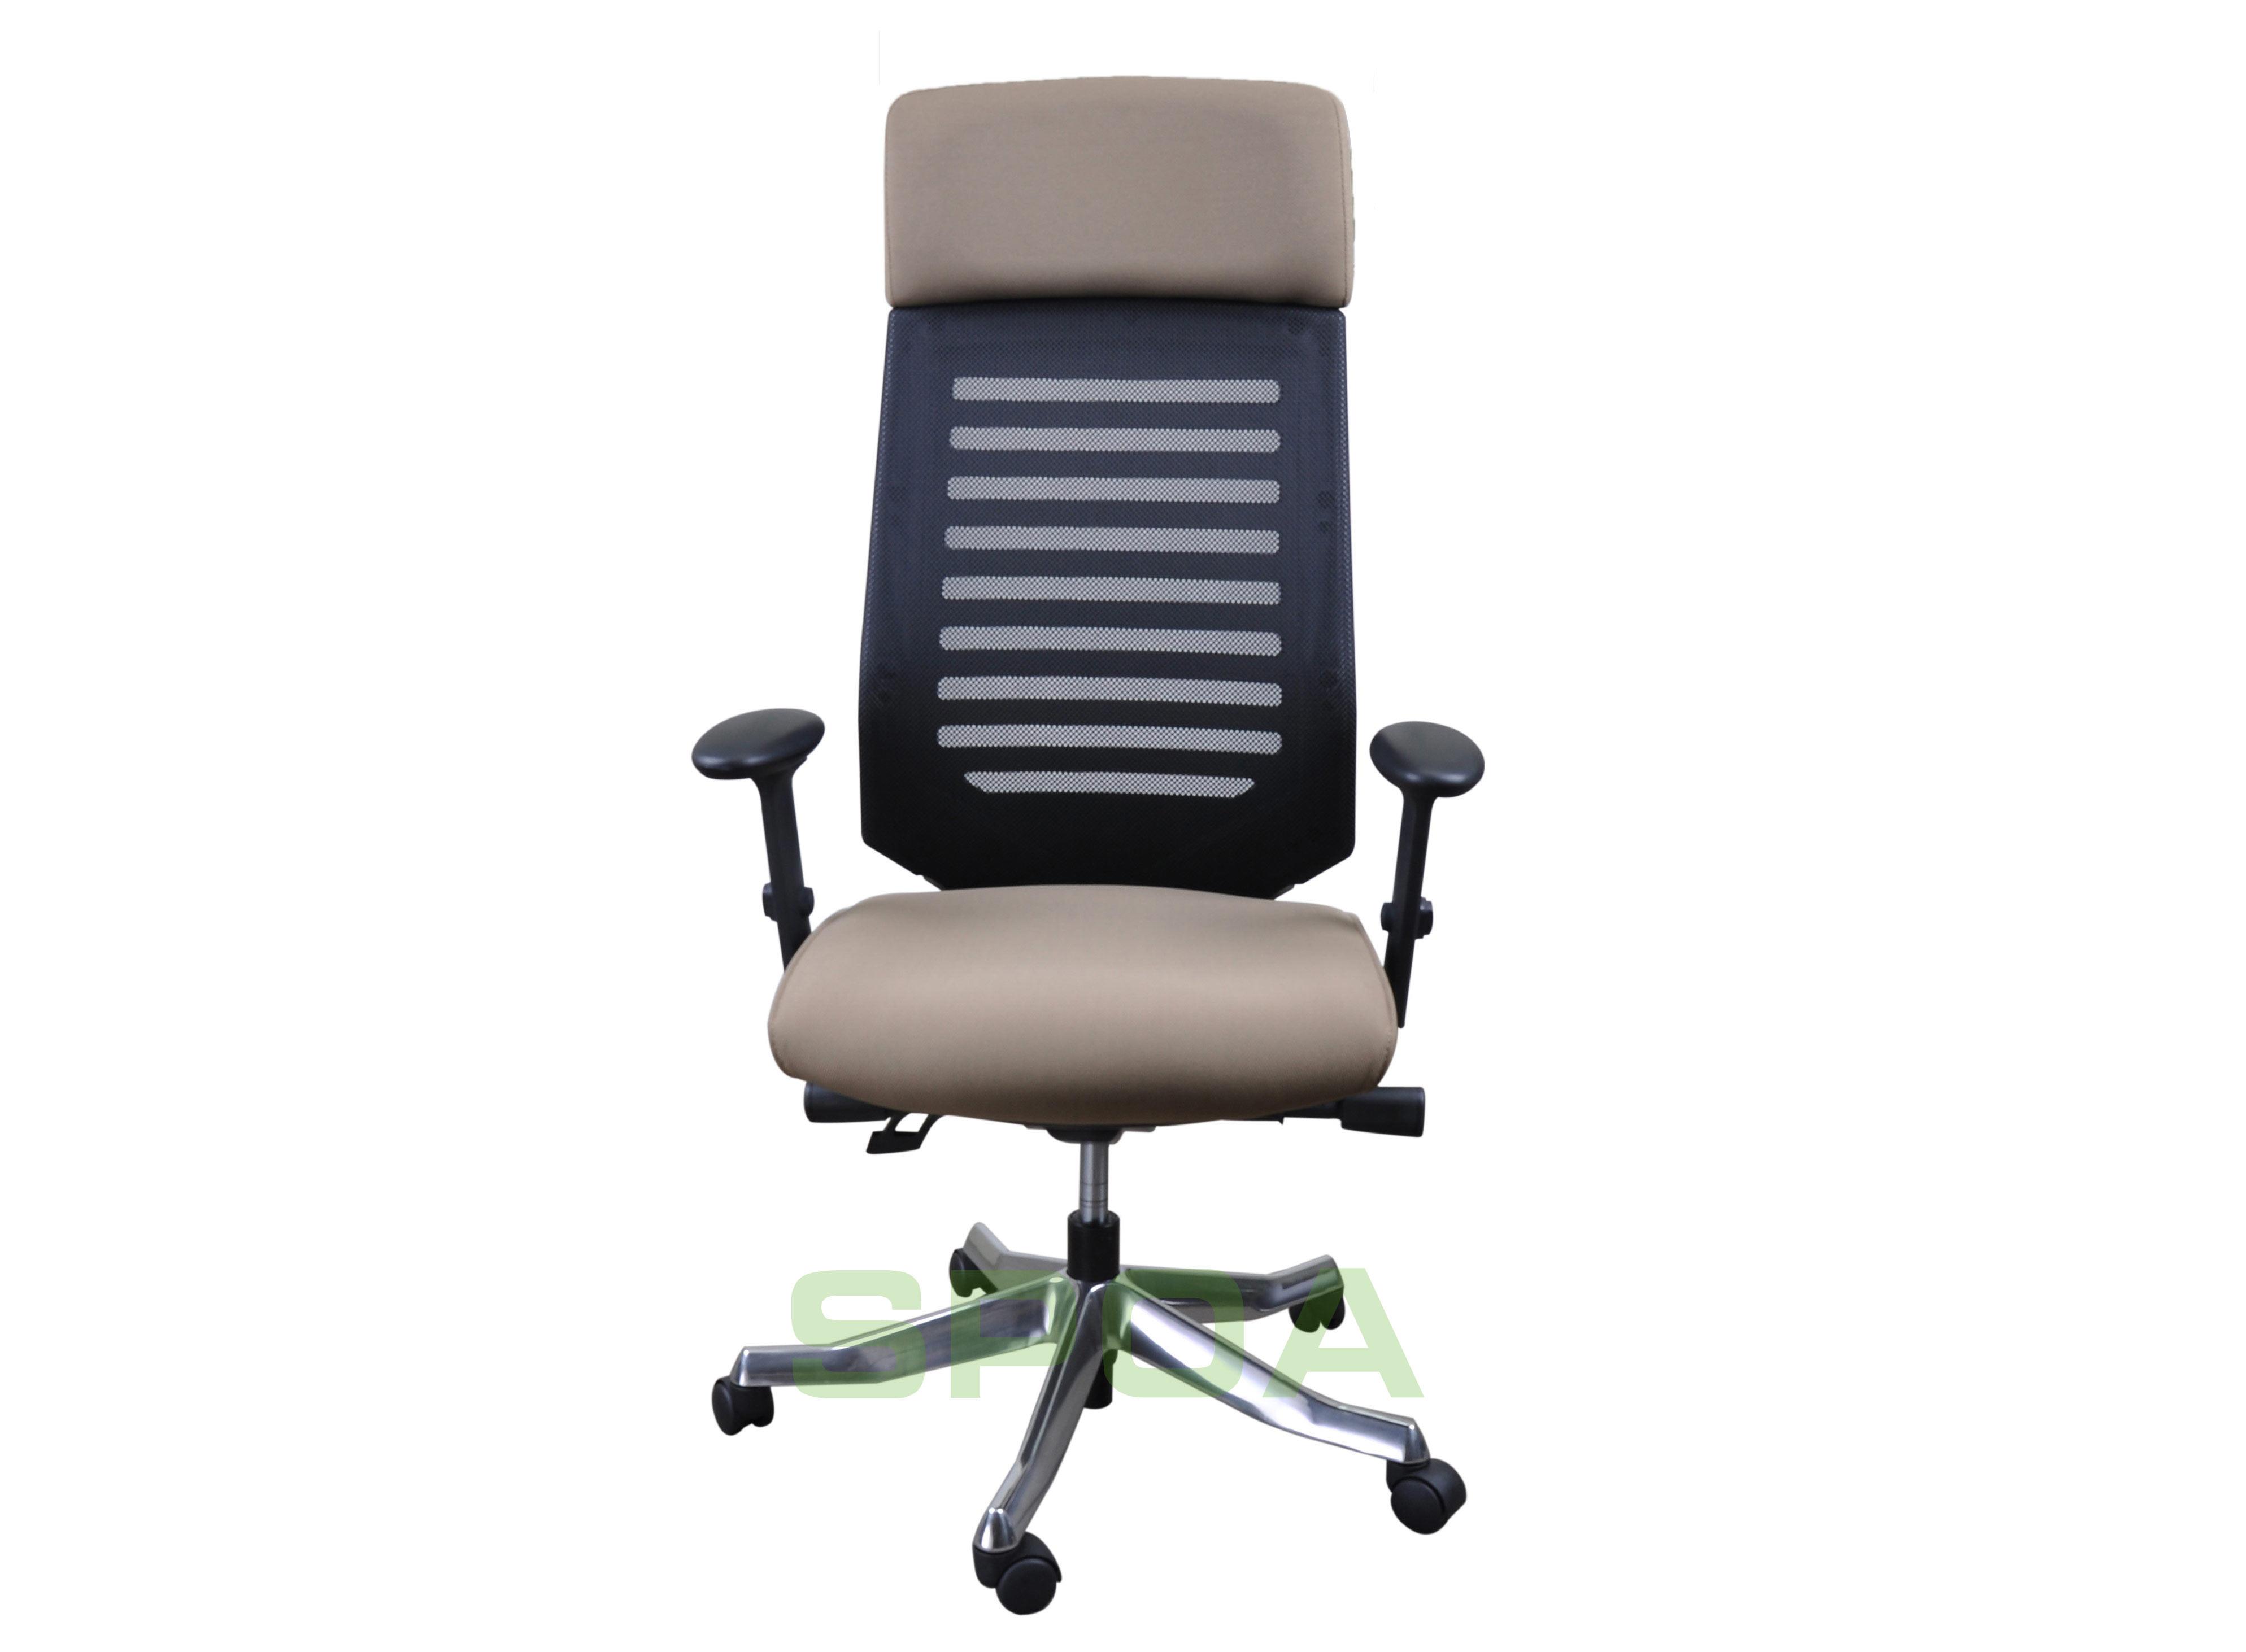 座椅系列网布椅